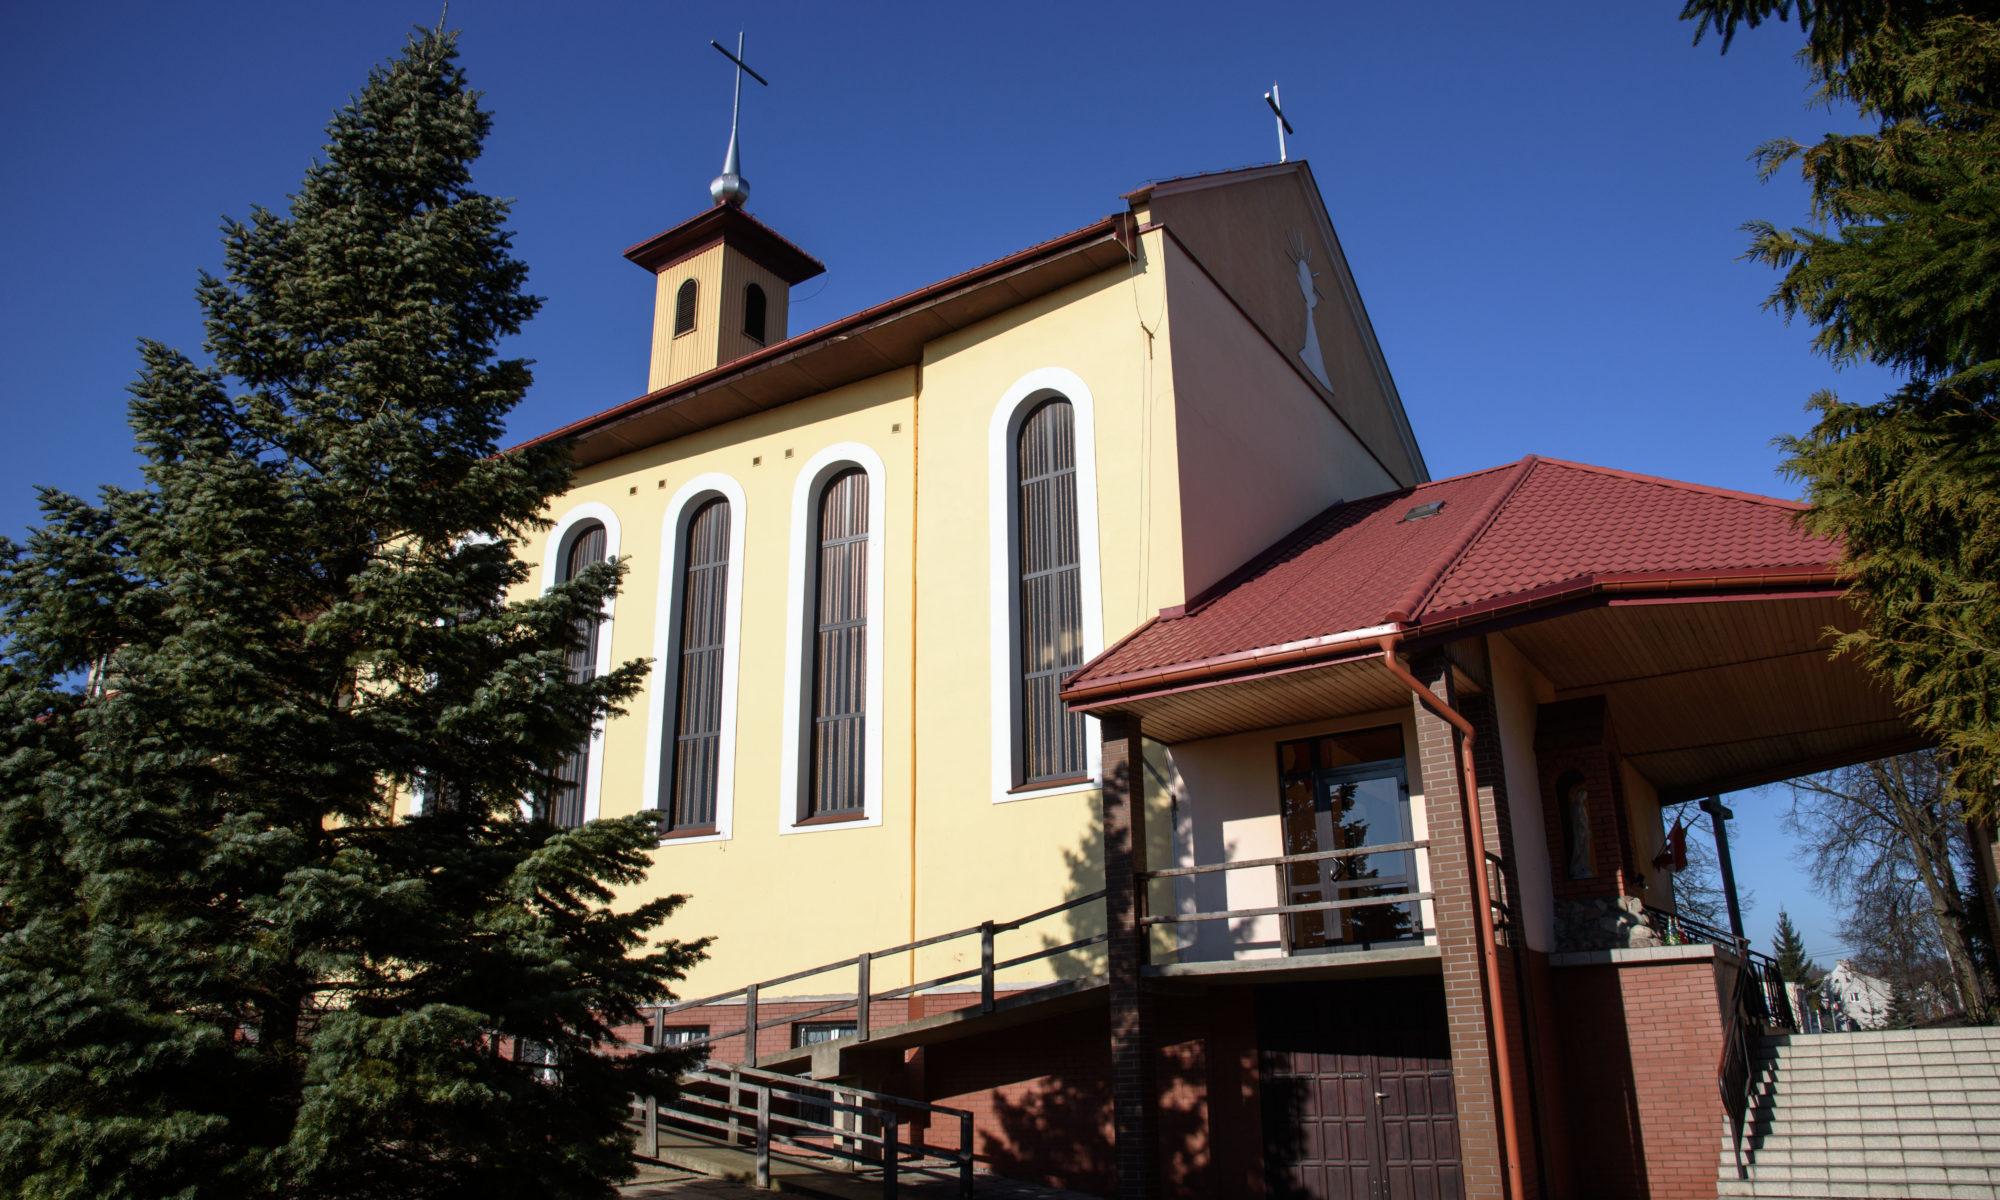 Parafia Rzymskokatolicka p.w. bł. Michała Kozala B.M. w Morągu